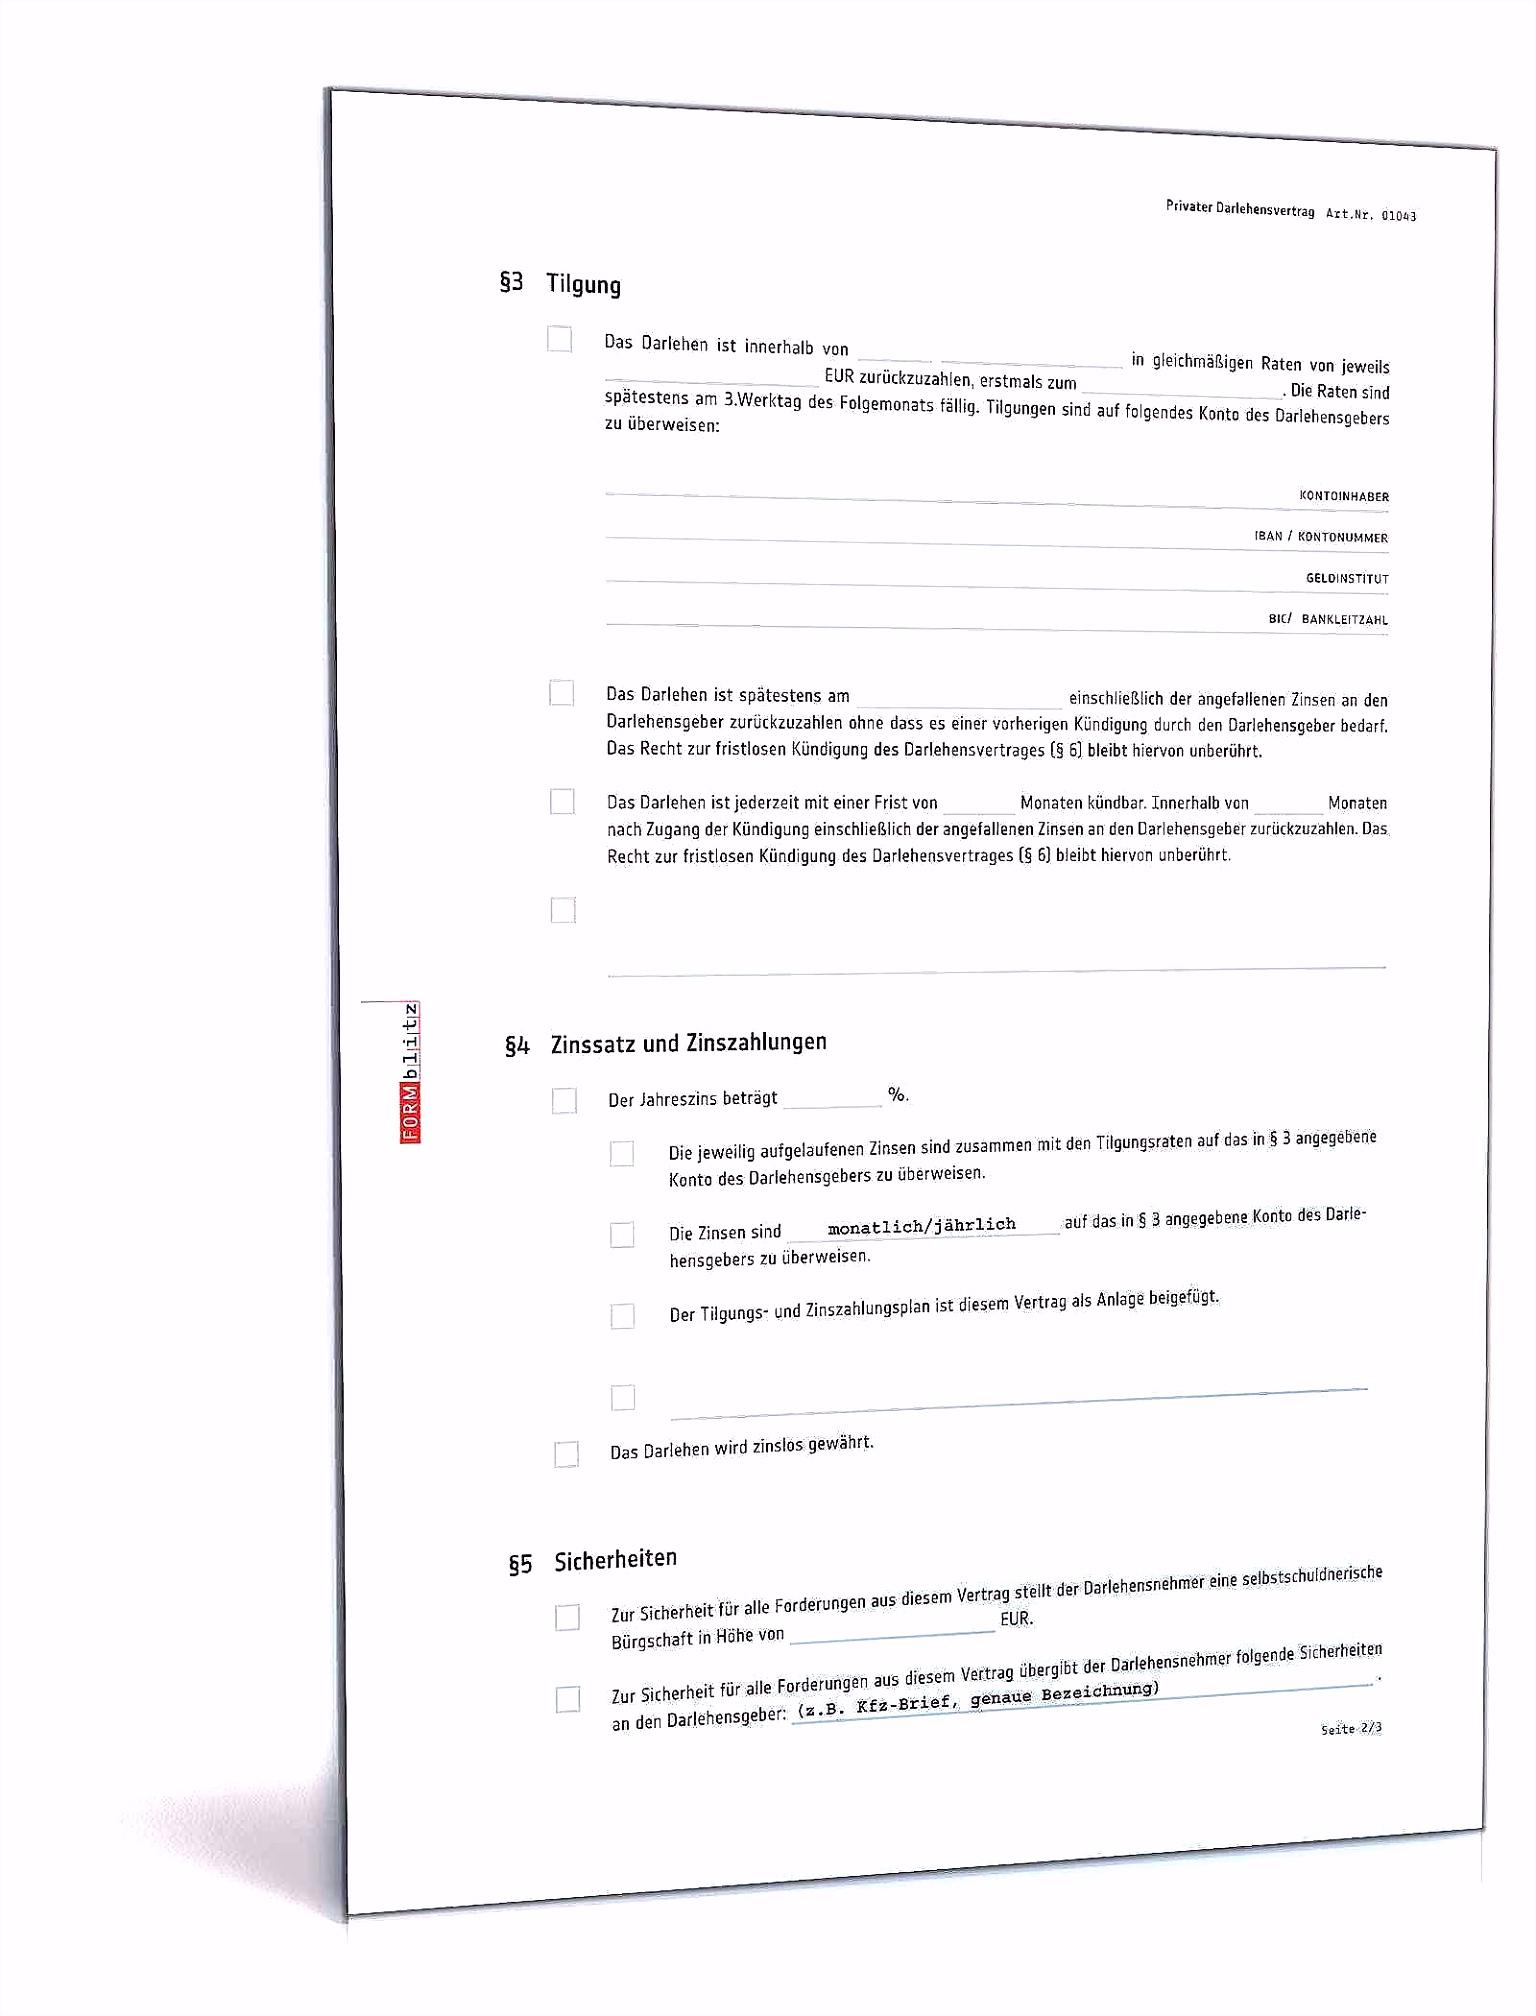 15 Angenehm formular Haftungsausschluss Vorlage Foto